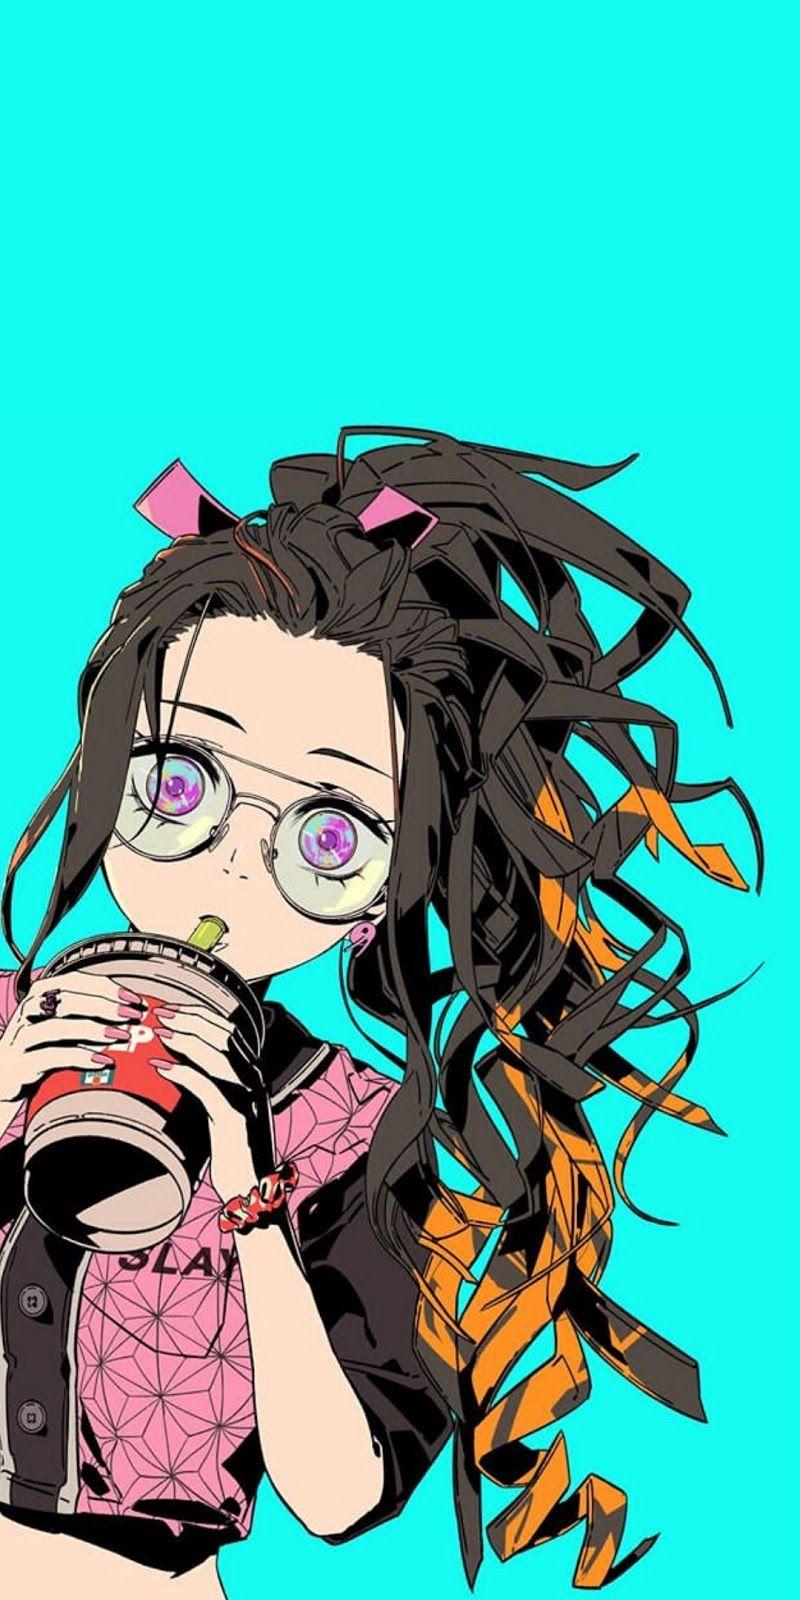 Nezuko Kamado Kimetsu No Yaiba Kimetsunoyaiba Demonslayer Anime Kawai Cute Wallpaper Zenitsu Anime Demon Slayer Anime Anime